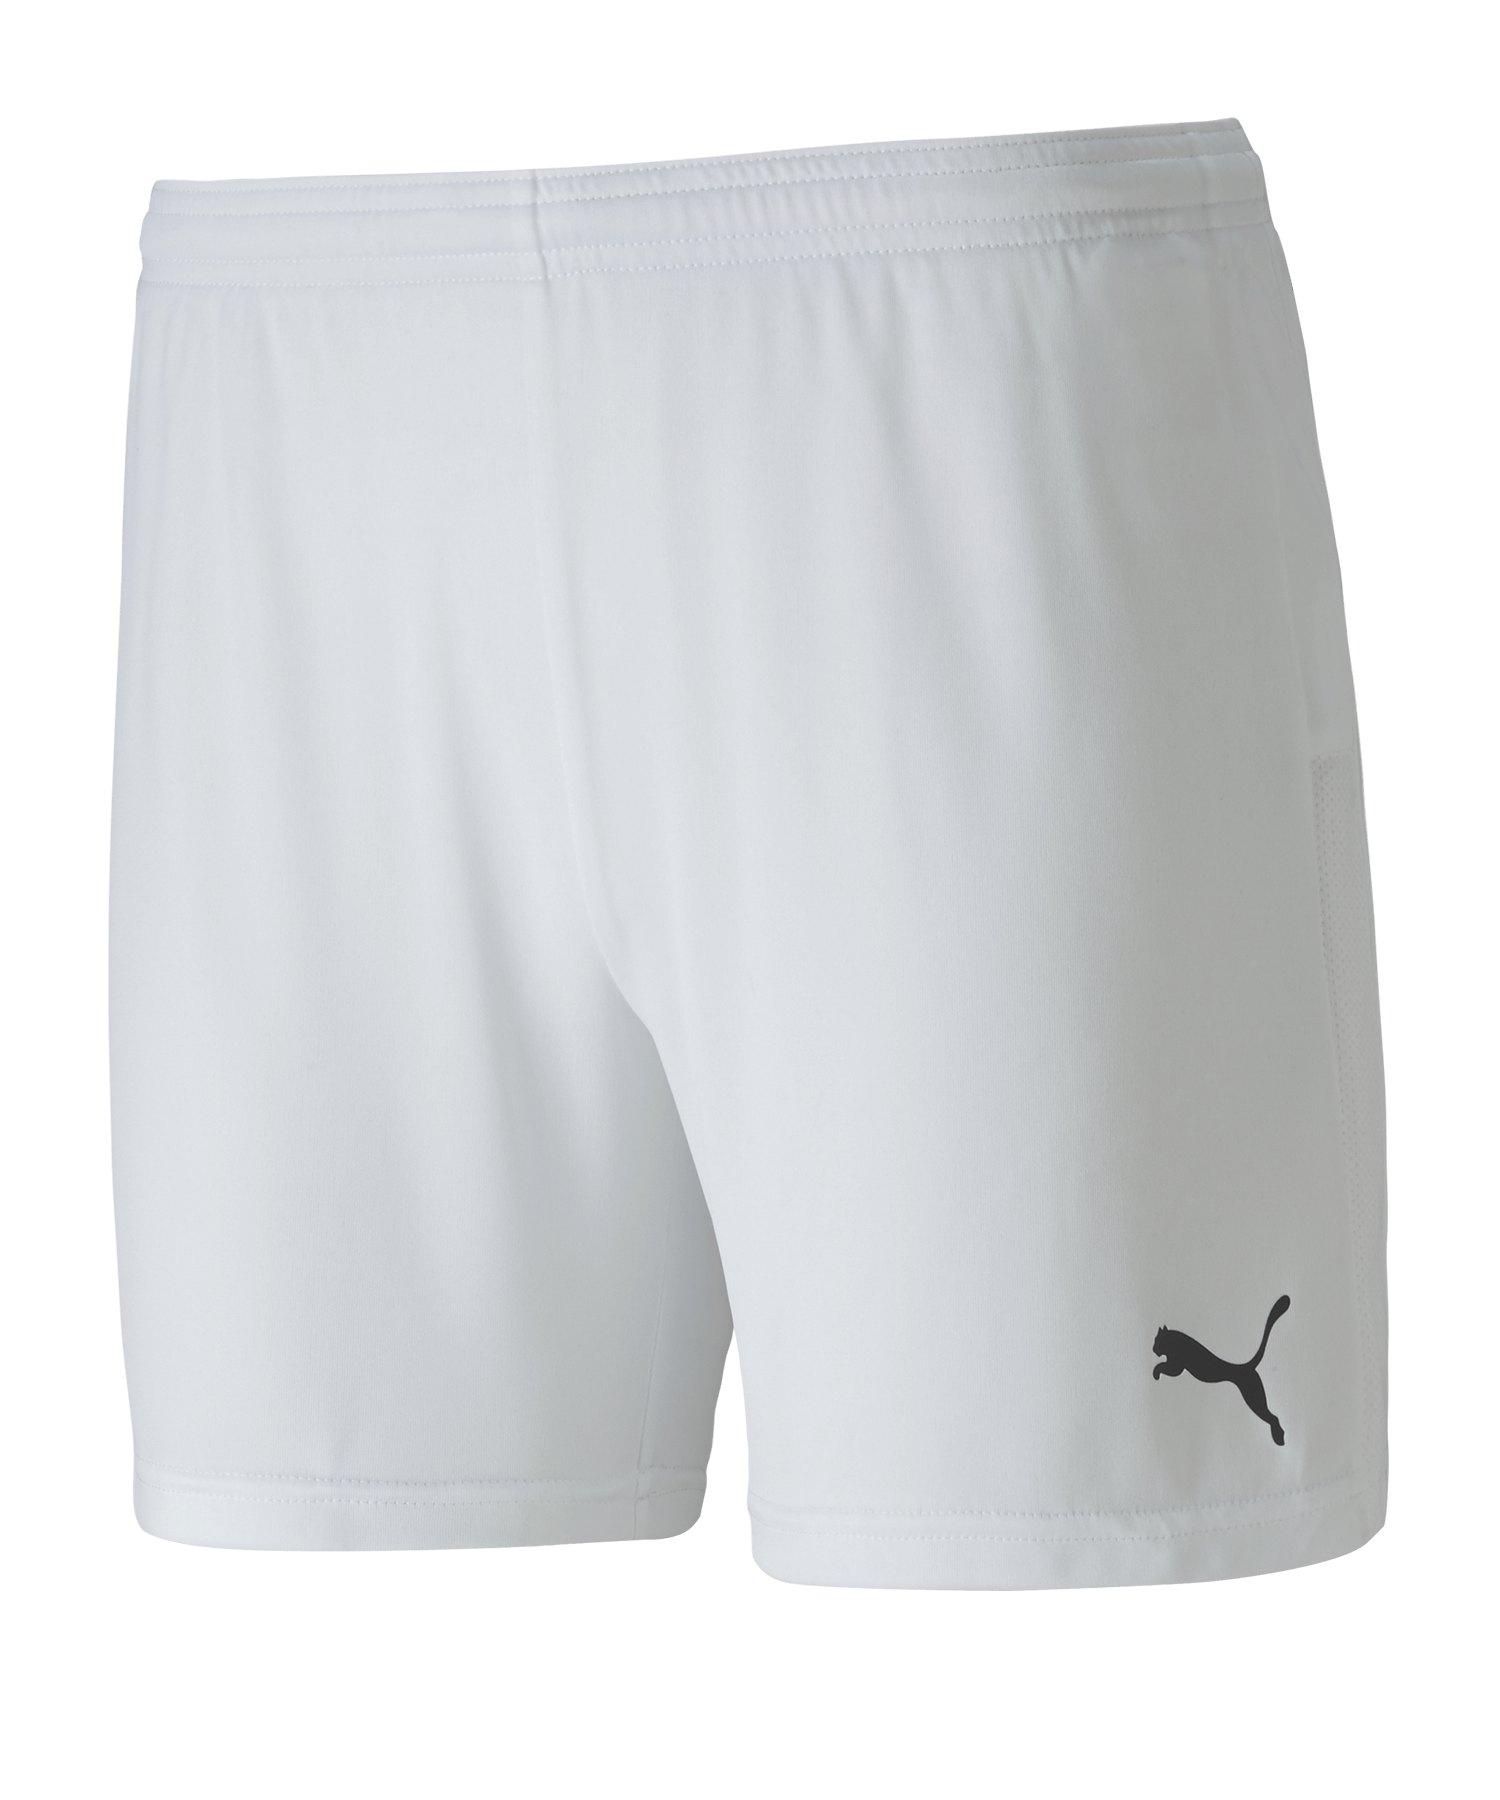 PUMA teamGOAL 23 Knit Shorts Damen Weiss F04 - weiss